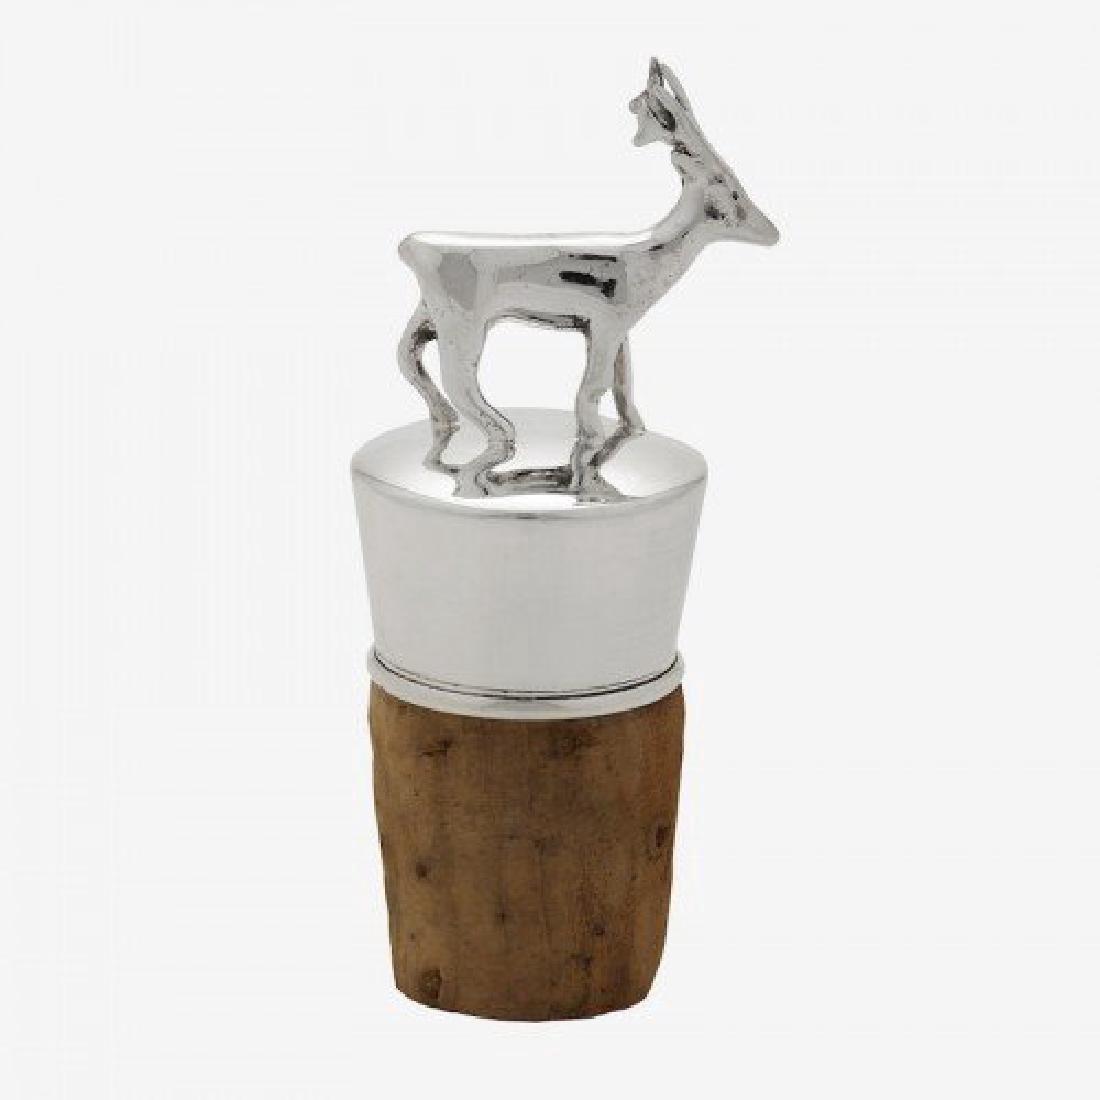 Scottish Sterling Silver Figural Deer Bottle Stopper